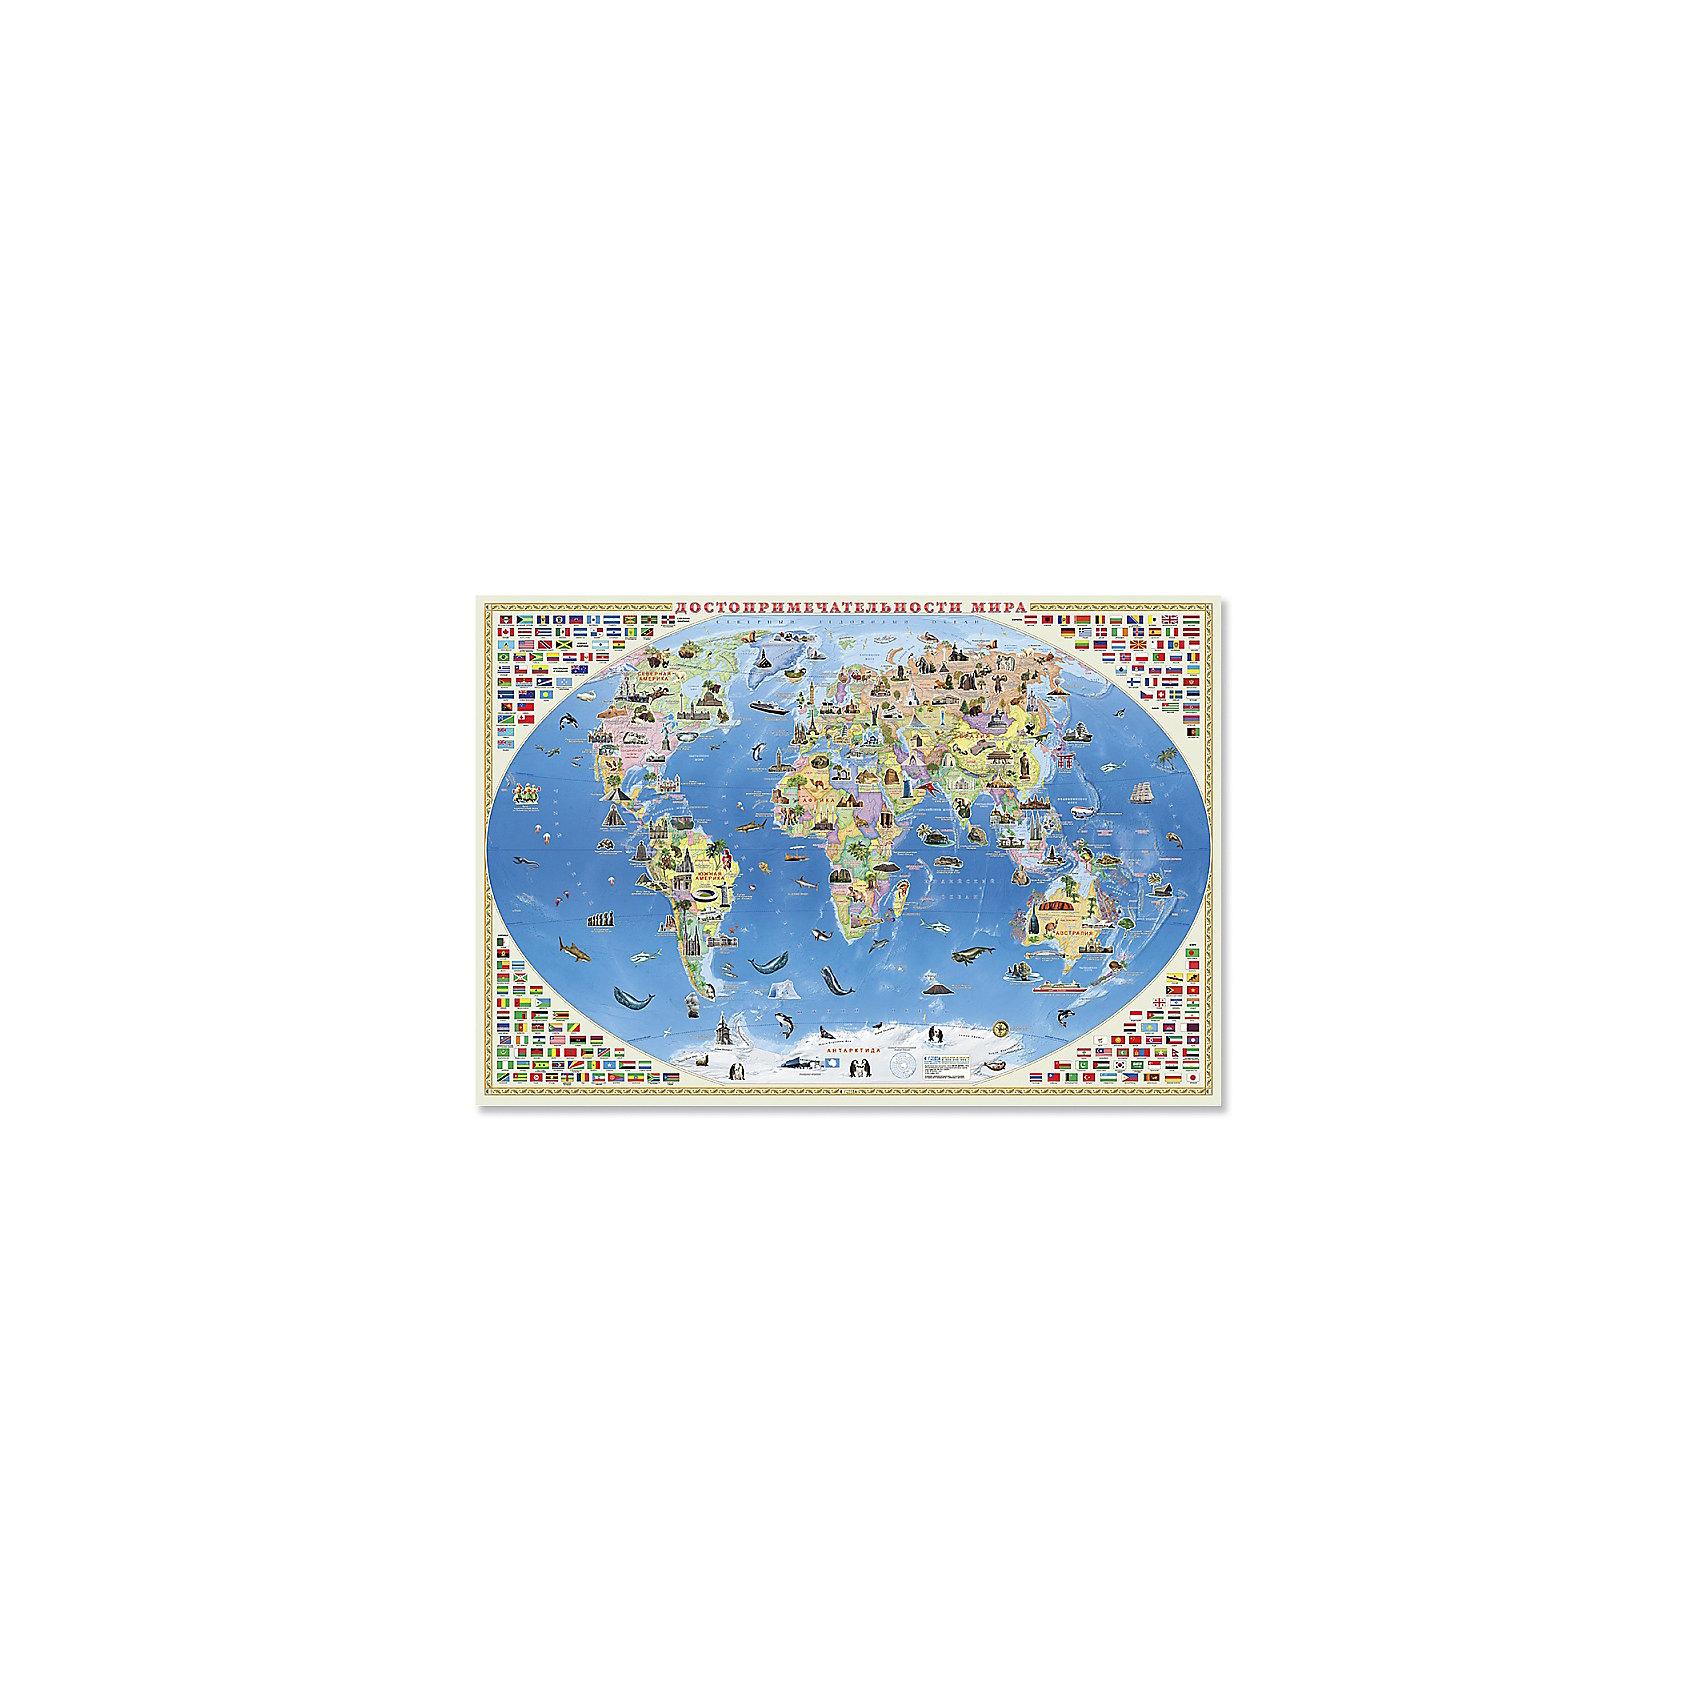 Настенная карта Достопримечательности мира 101*69 см, ламинированнаяАтласы и карты<br>Характеристики товара:<br><br>• материал: ламинированная бумага<br>• возраст: от 3 лет<br>• размер карты: 101х69 см<br>• вес: 150 г<br>• страна производитель: Россия<br><br>Как посмотреть все самые красивые и необычные достопримечательности из разных уголков мира не выходя из дома? С настенной картой «Достопримечательности мира» от издательства «ГЕОДОМ» вы сможете познакомиться с культурным и историческим наследием разных стран, изучить их государственные флаги. На карте также показаны представители животного мира, которые обитают на континентах нашей планеты.<br><br>Настенную карту Достопримечательности мира 101*69 см, ламинированную можно купить в нашем интернет-магазине.<br><br>Ширина мм: 1010<br>Глубина мм: 690<br>Высота мм: 1<br>Вес г: 150<br>Возраст от месяцев: 36<br>Возраст до месяцев: 2147483647<br>Пол: Унисекс<br>Возраст: Детский<br>SKU: 5422997